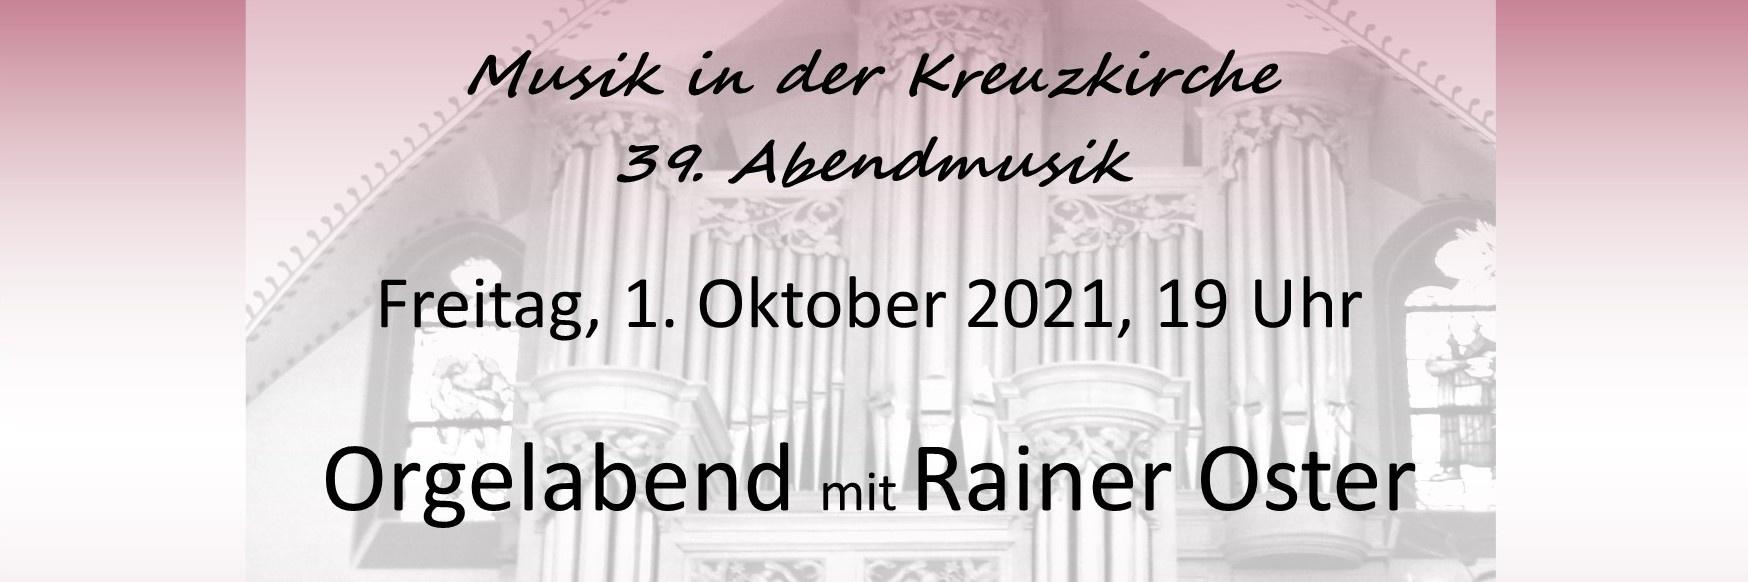 Orgelabend mit Rainer Oster